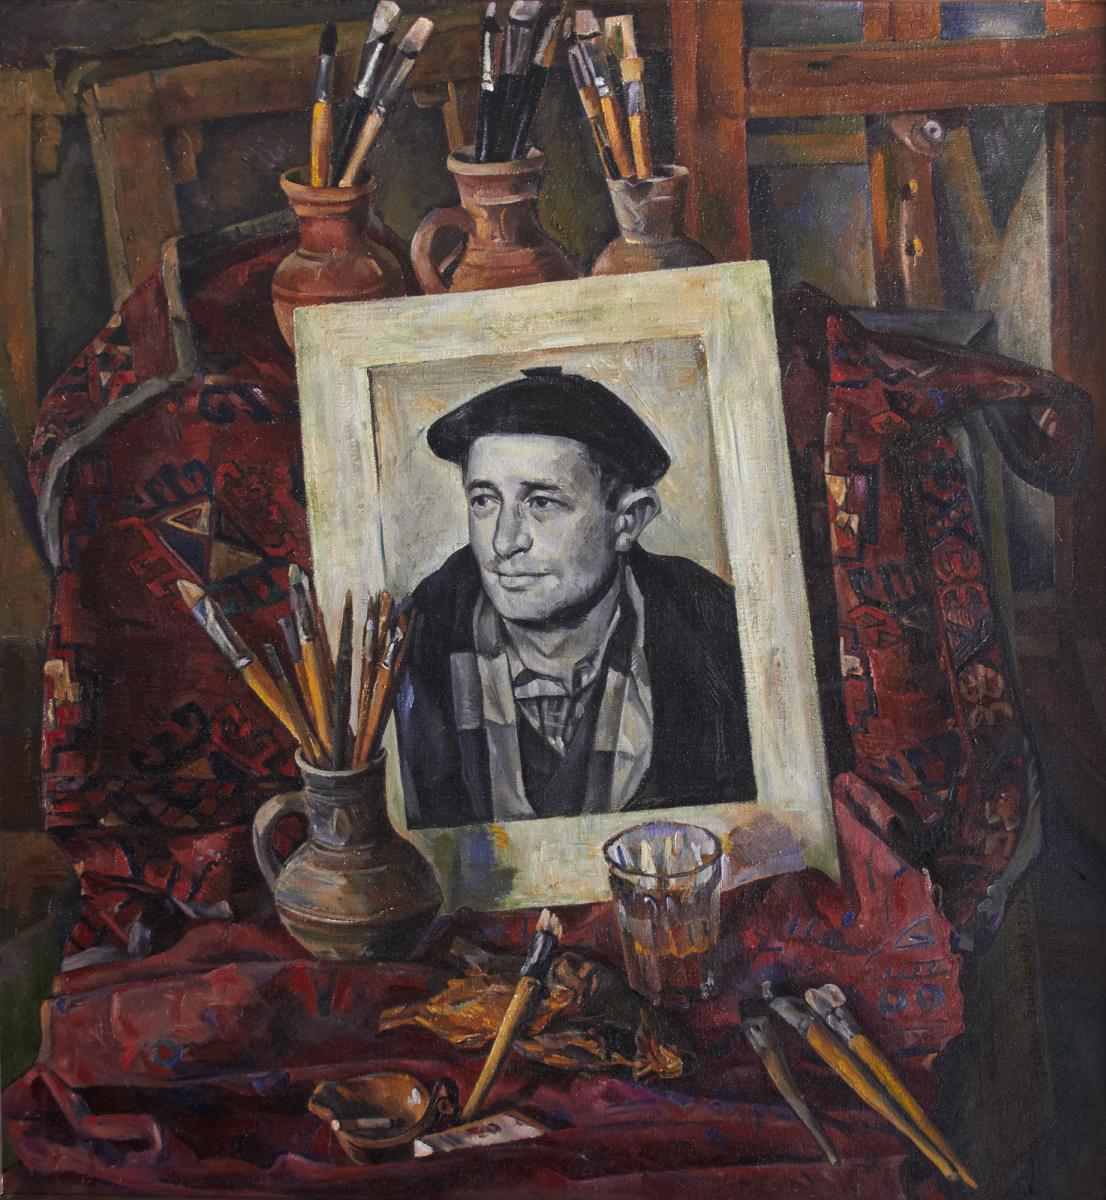 Дурды Байрамович Байрамов. Stanislav, painting is your life!